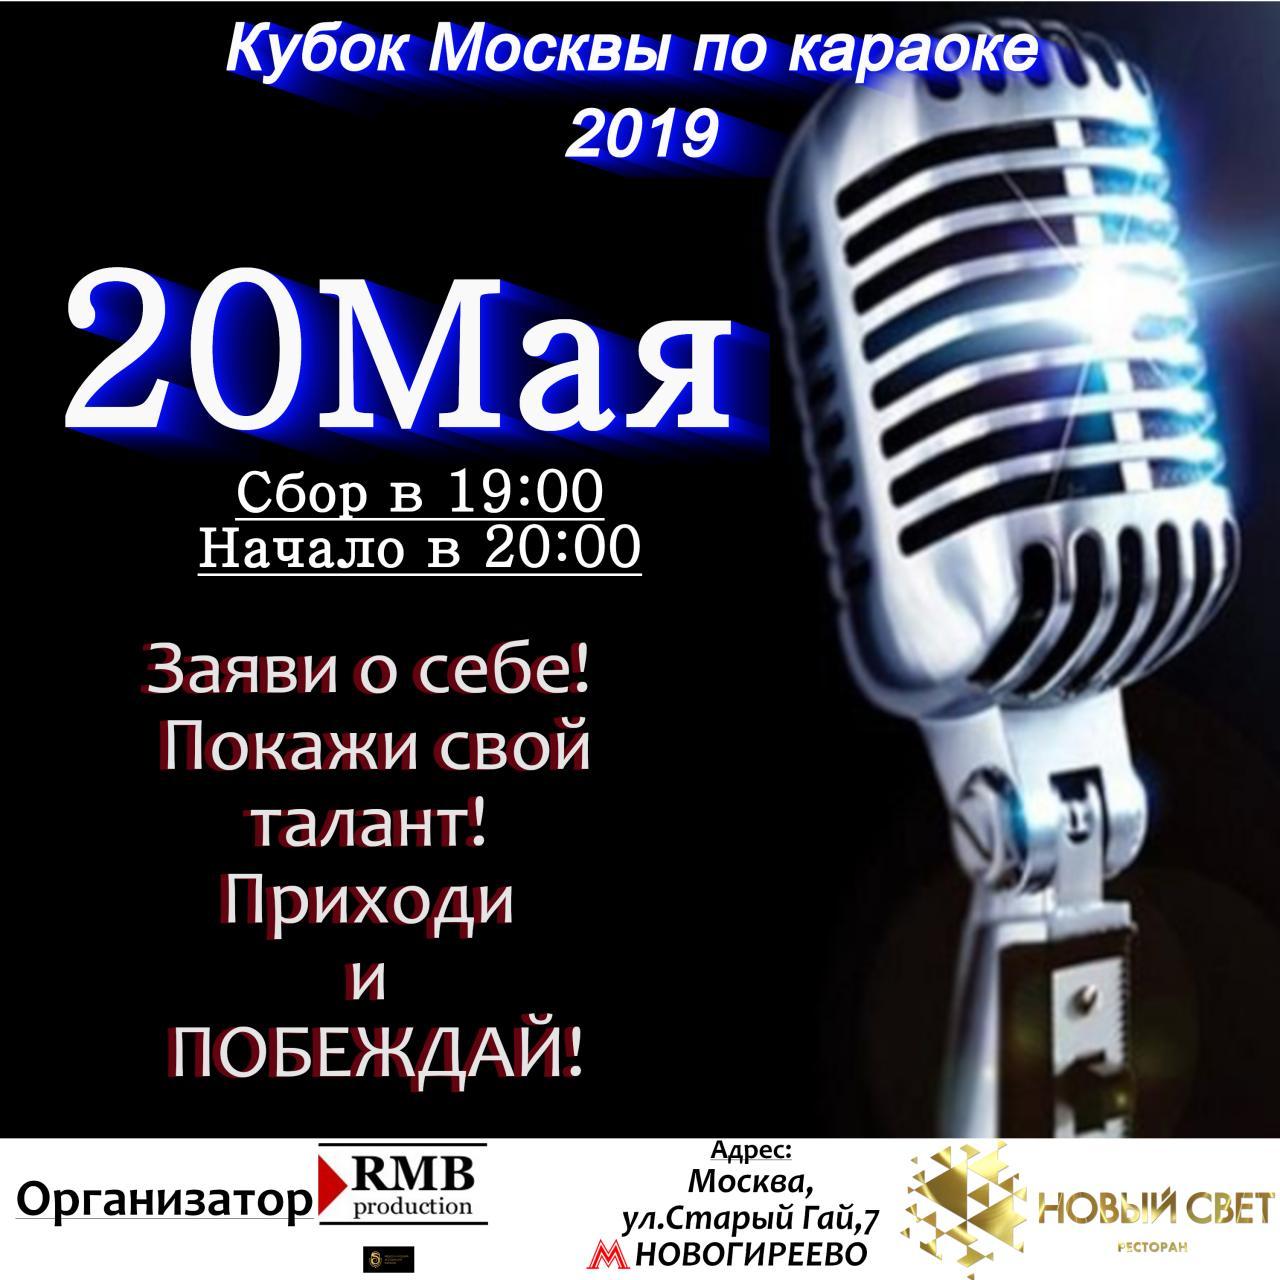 ВНИМАНИЕ РОЗЫСК! Ищем самых талантливых,самых поющих,самых,самых! Приходи и заяви о себе на Кубке Москвы по караоке -2019